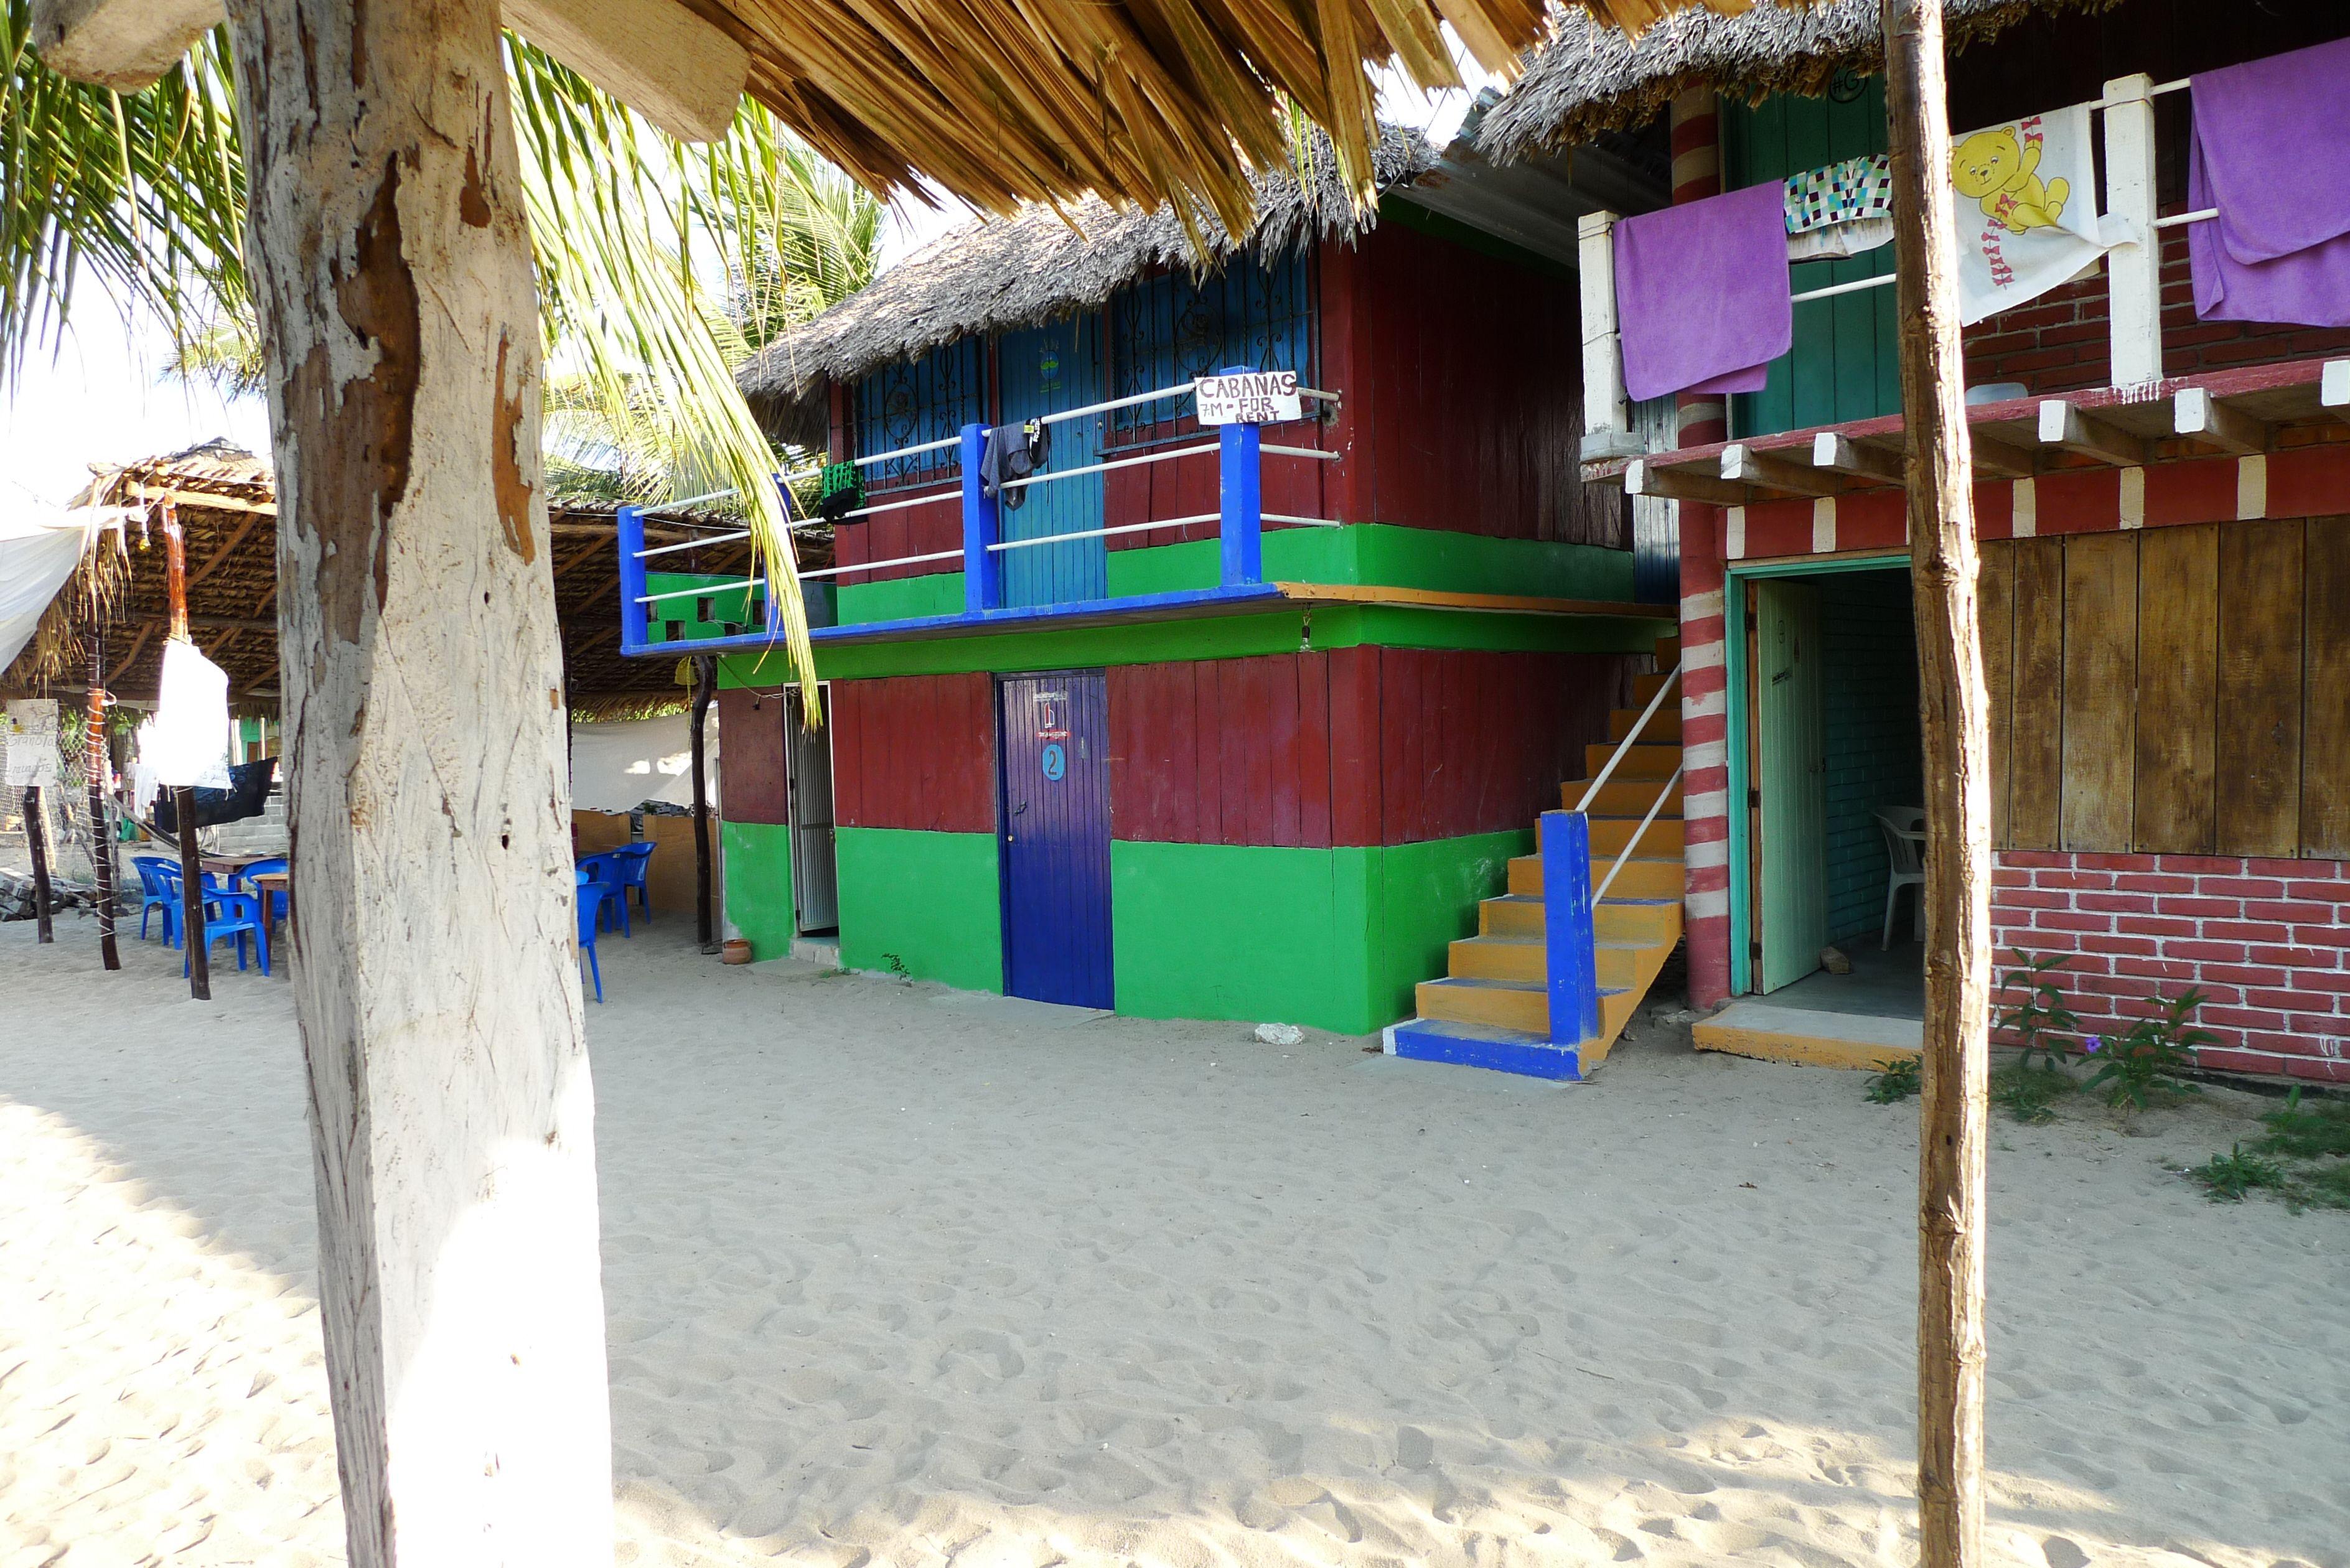 Cabanas - Lagunas de Chacahua in Zapotalito, Oaxaca